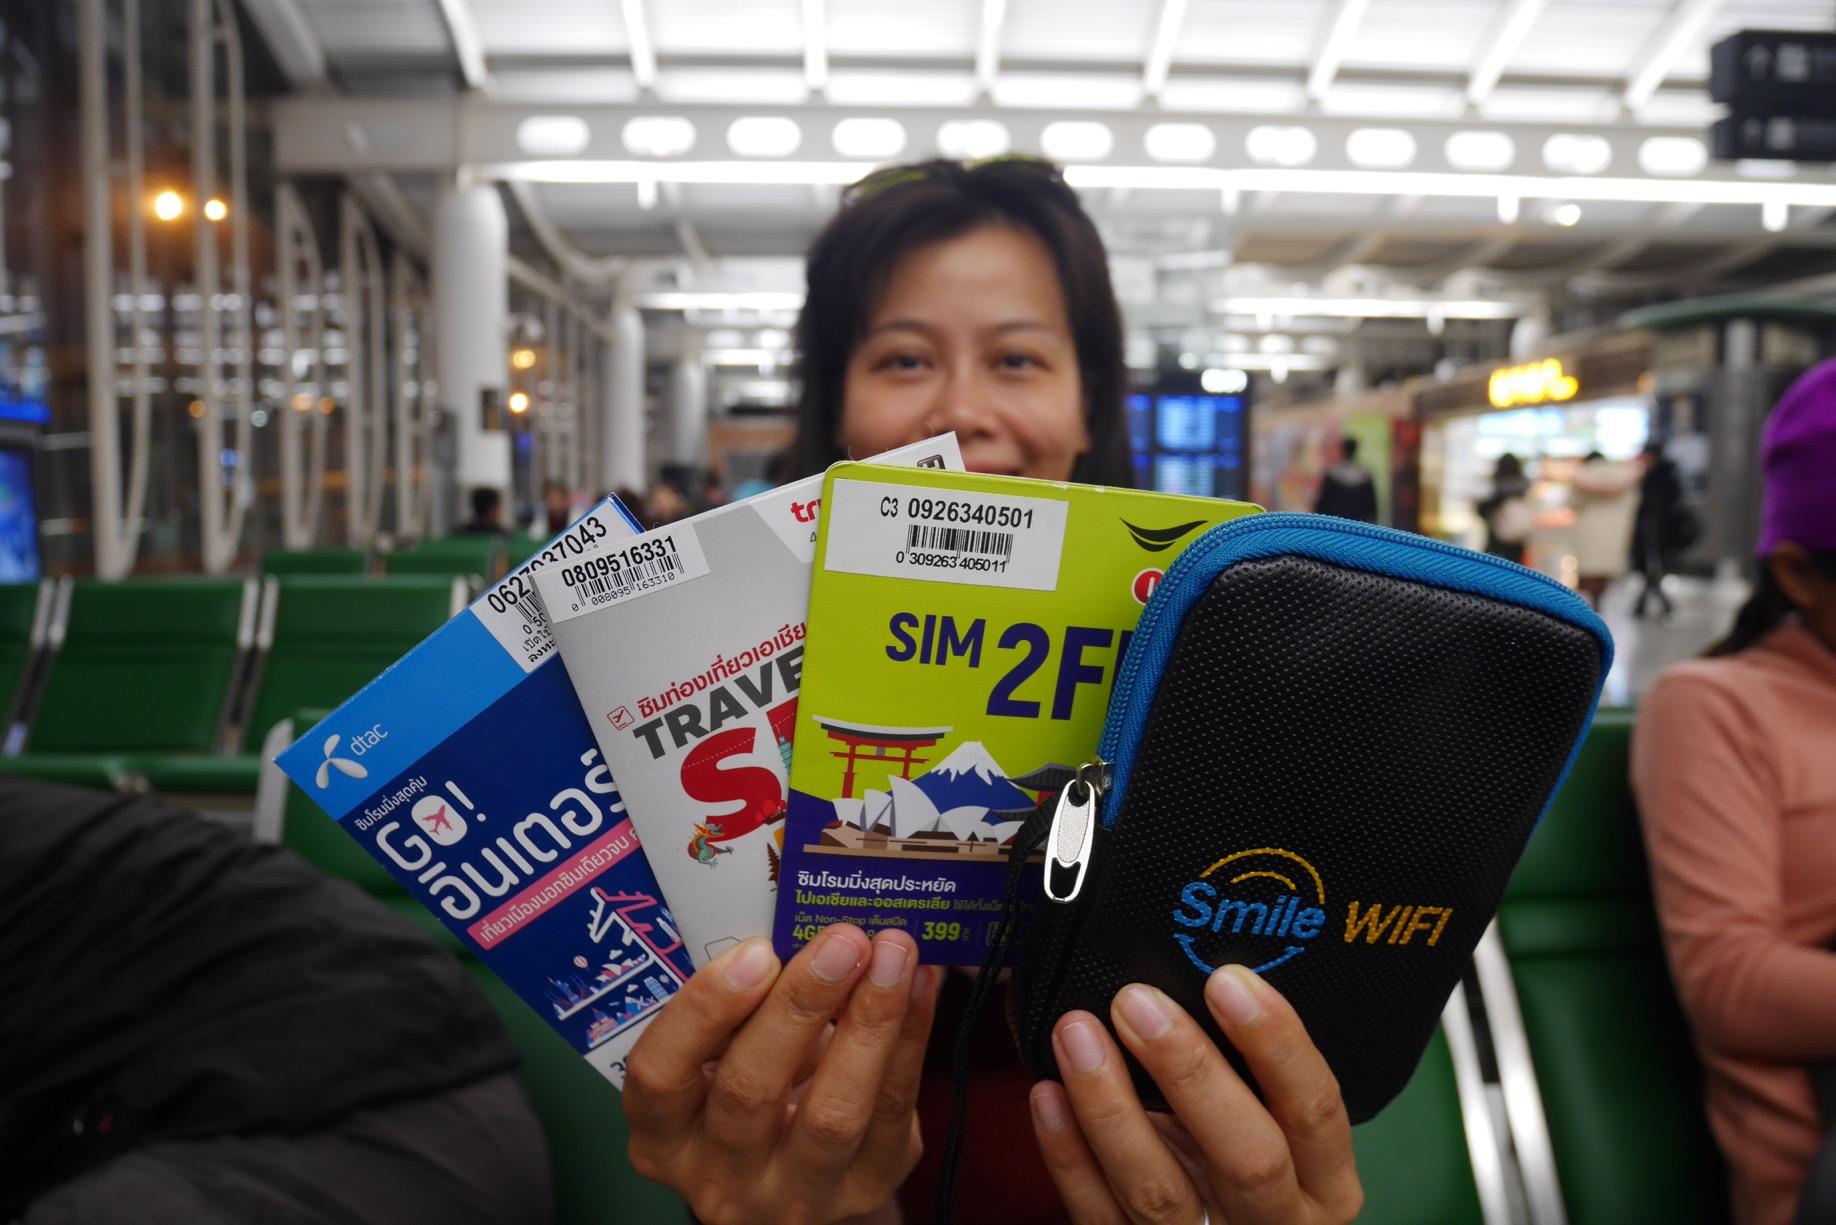 เมื่อปลายปีที่ผ่านมา อิชั้นได้ไปเที่ยวเมืองฮาร์บิน ประเทศจีน กับเพื่อนอีก 4  คนที่ใช้ซิมต่างกันเลย ทั้งหมดที่ใช้คือ